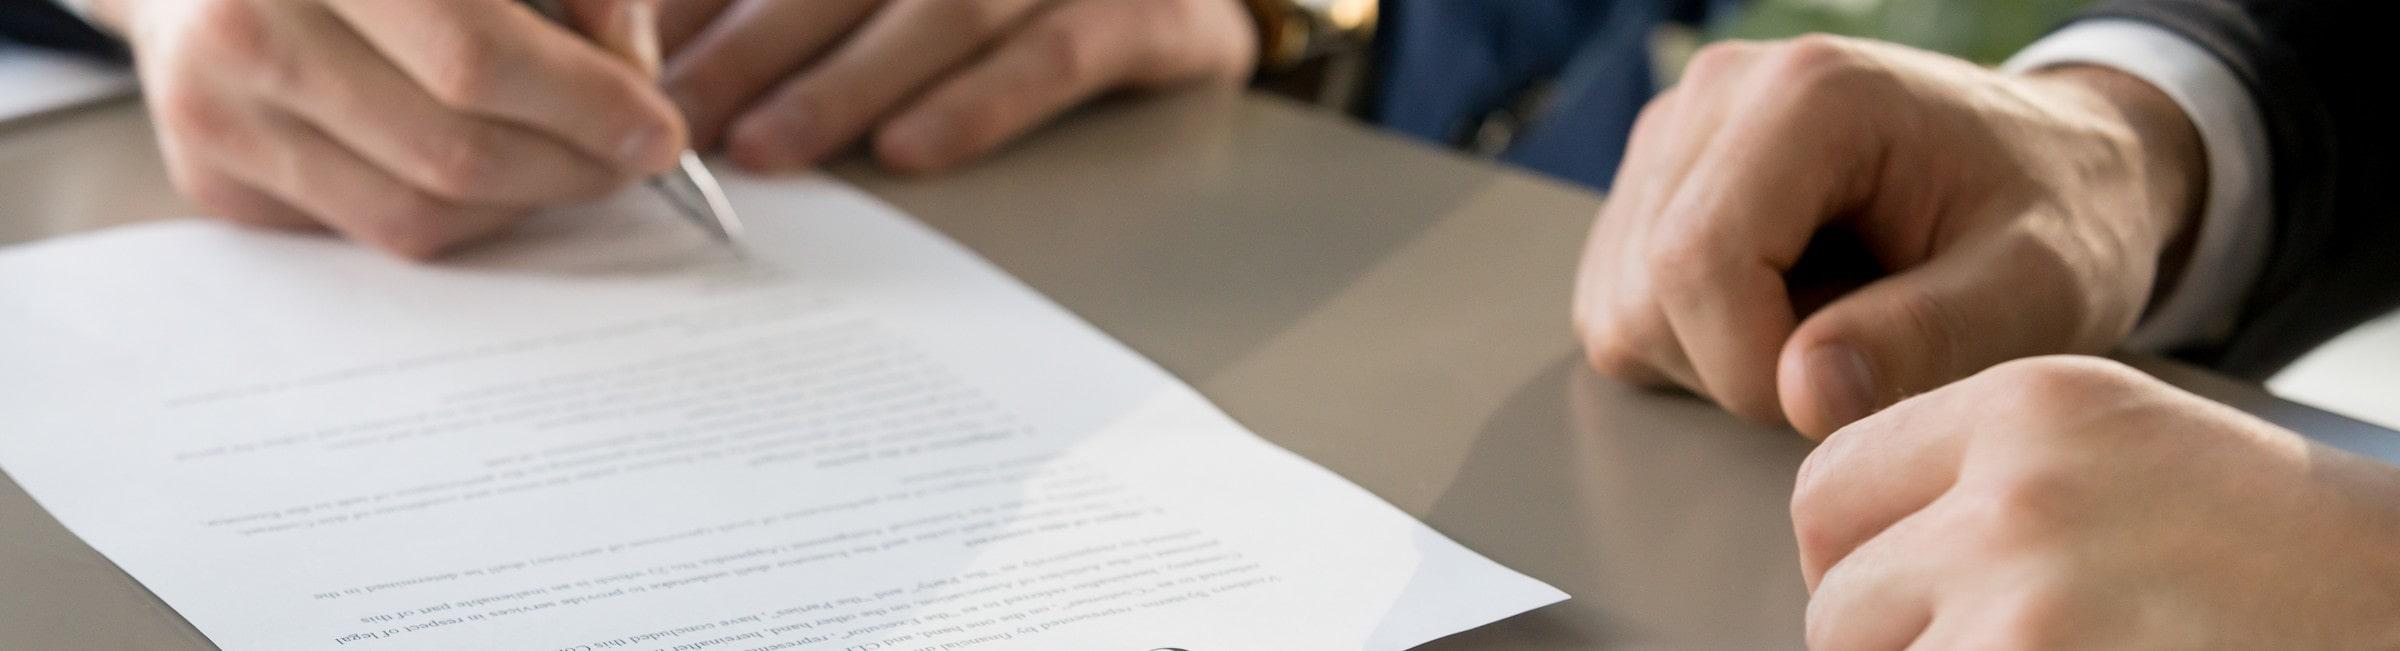 Mains d'hommes d'affaires rédigeant un contrat